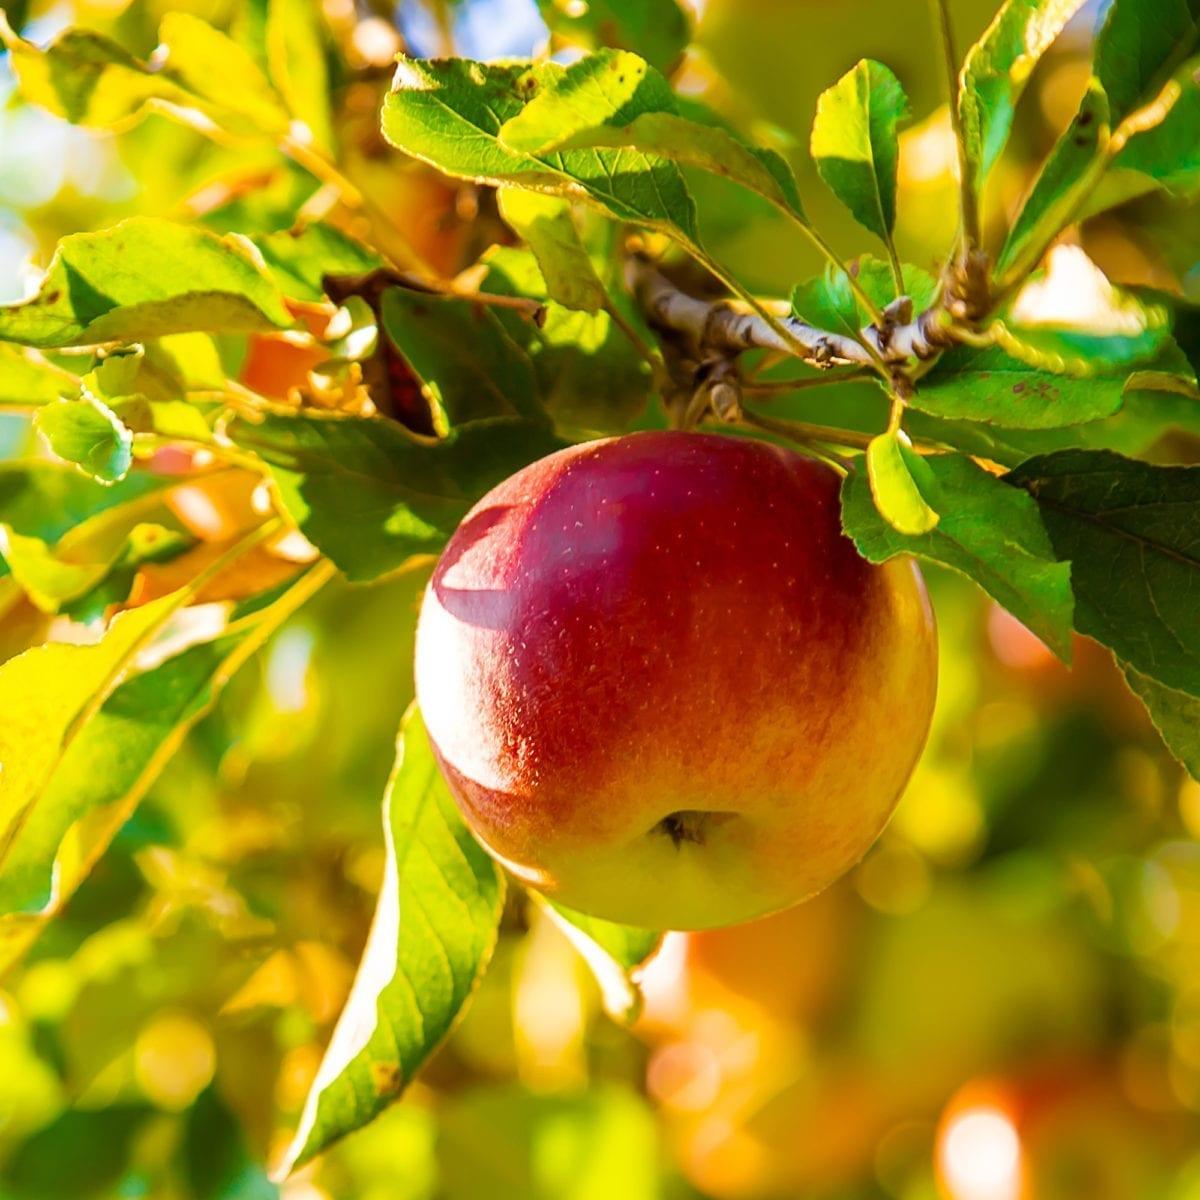 boskoopsefruitbomen | Appel sfeerfoto